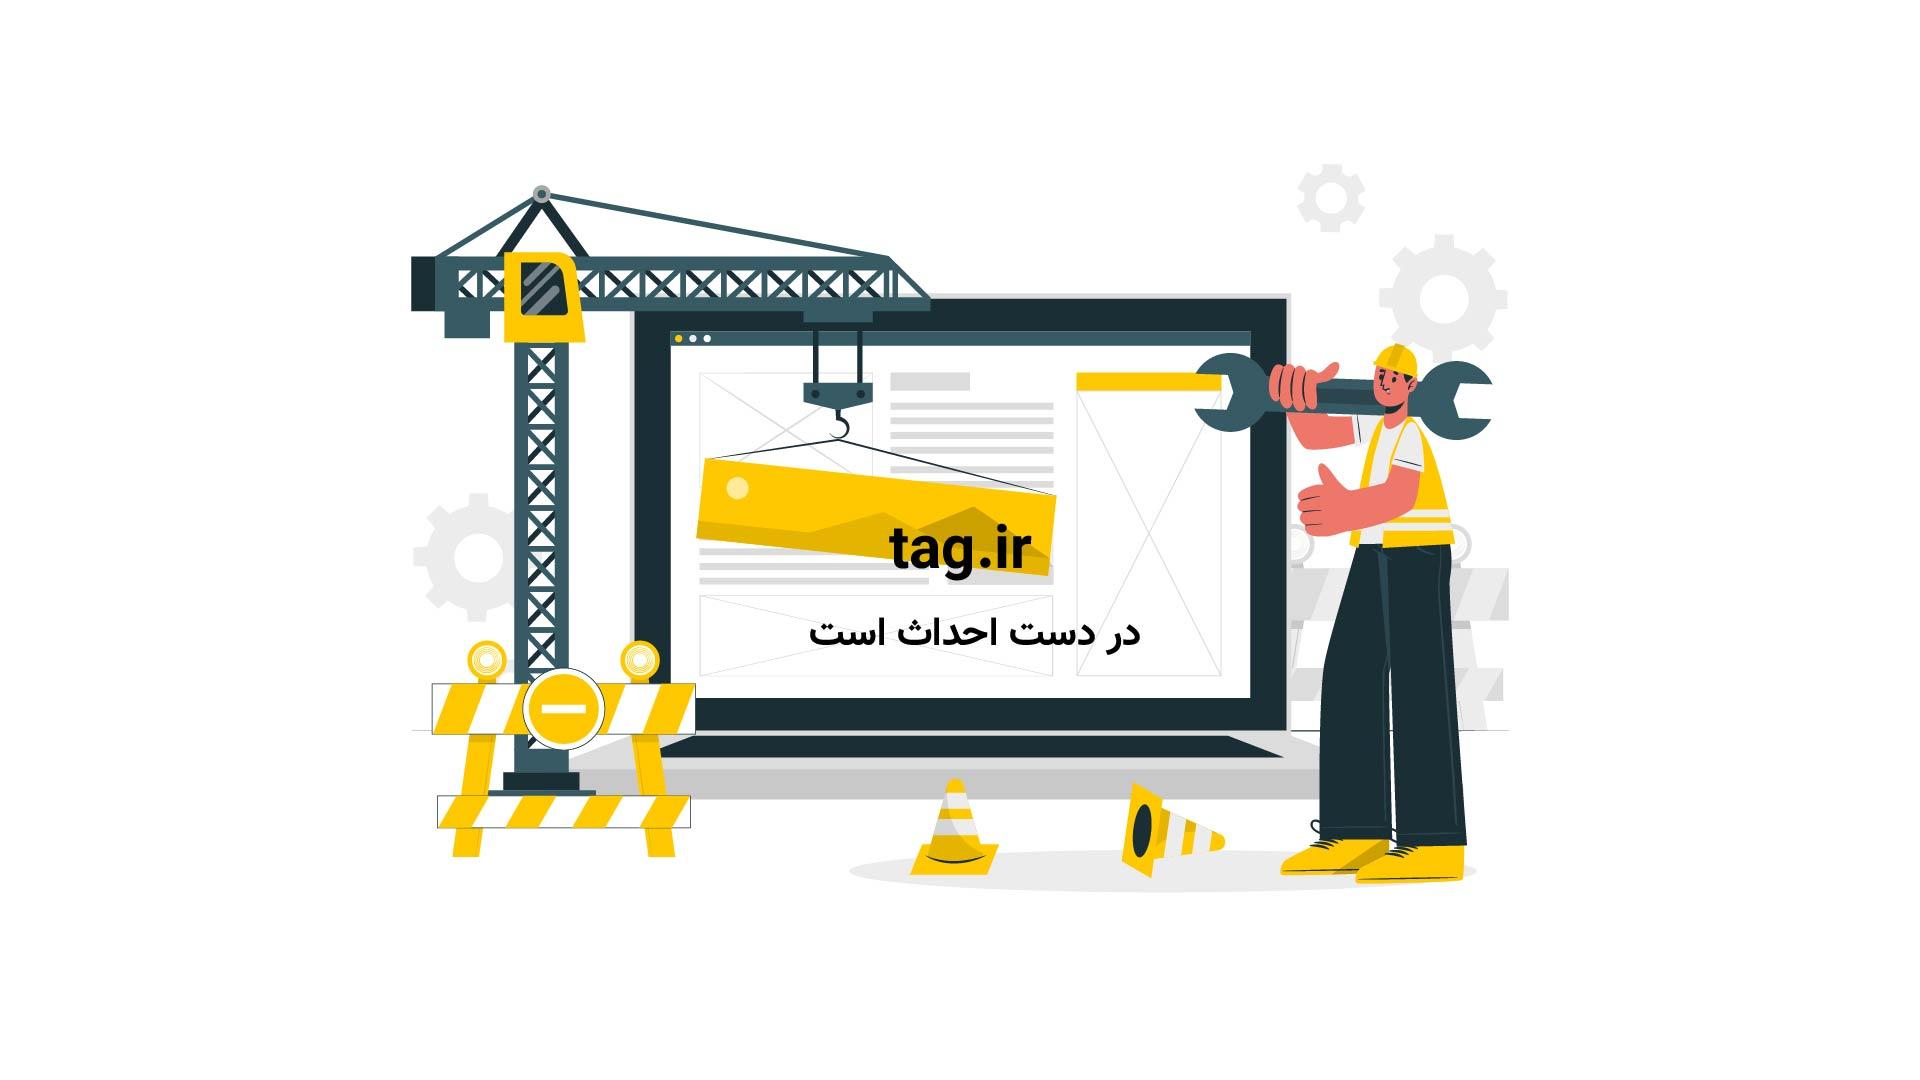 حمله پوما به بز کوهی و نبرد با شکار | فیلم